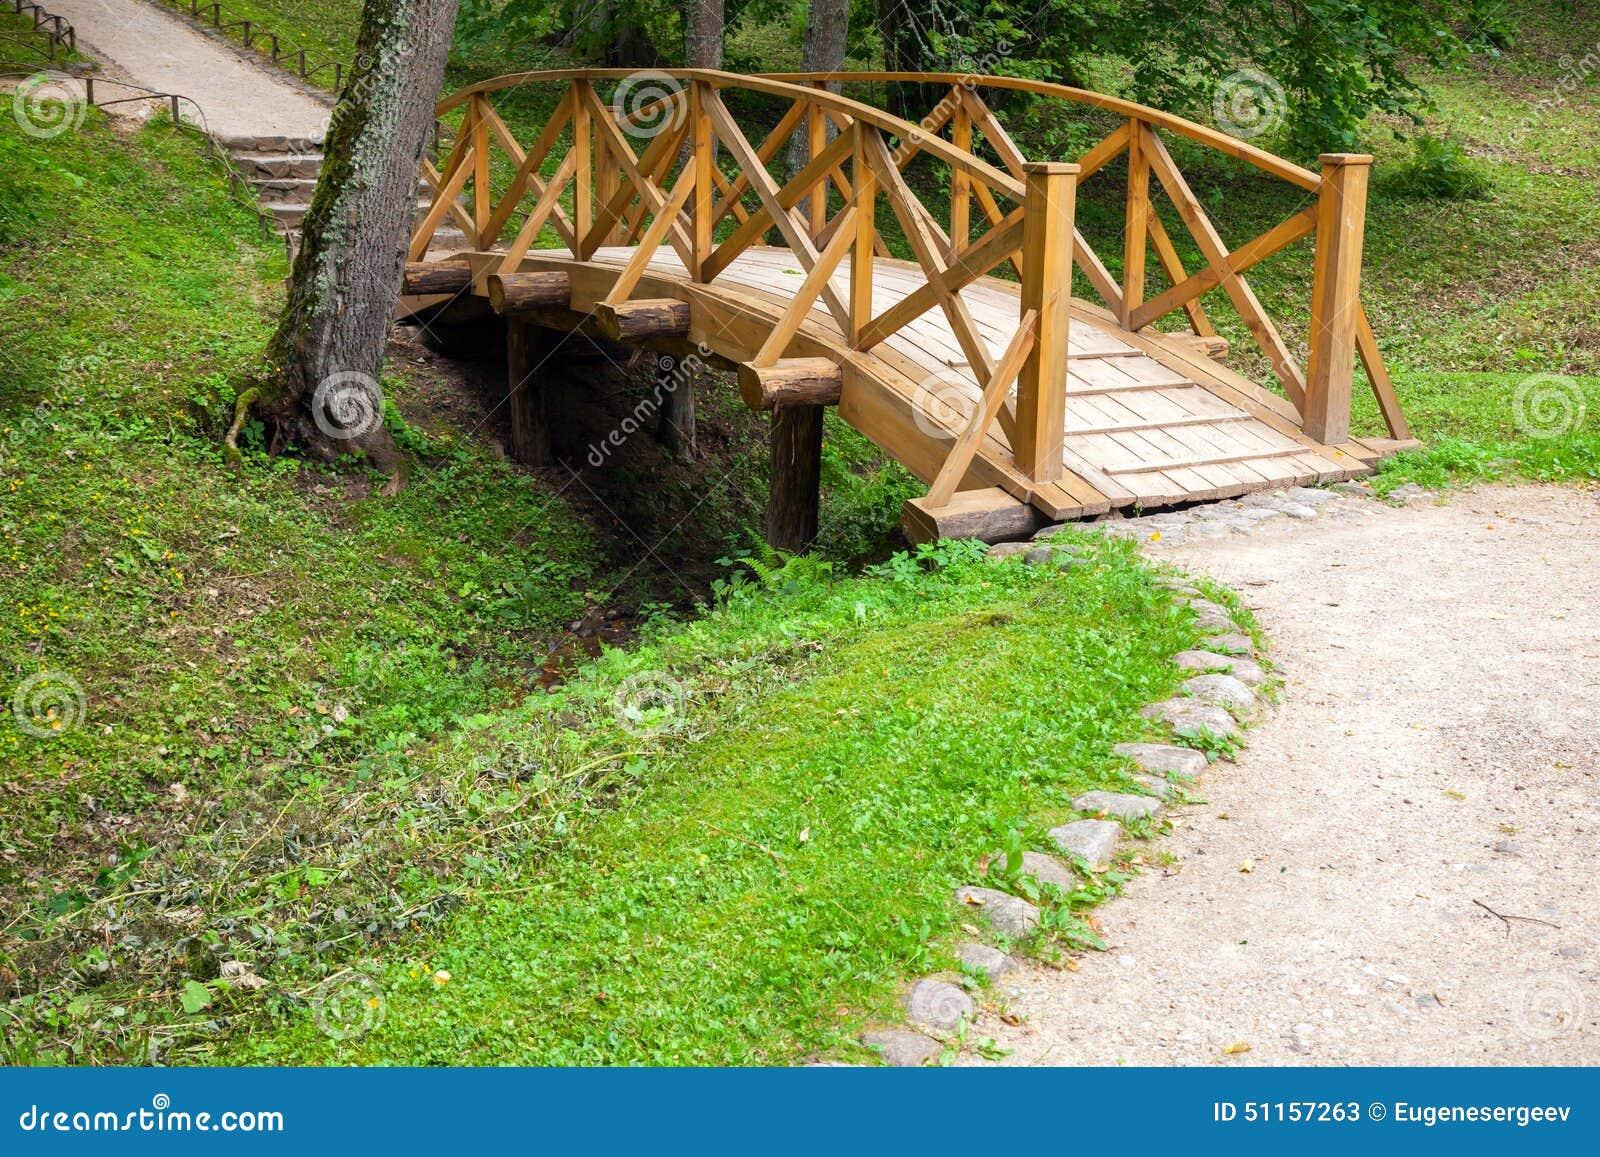 小木桥和走的车道在公园, trigorskoye村庄,俄罗斯.图片